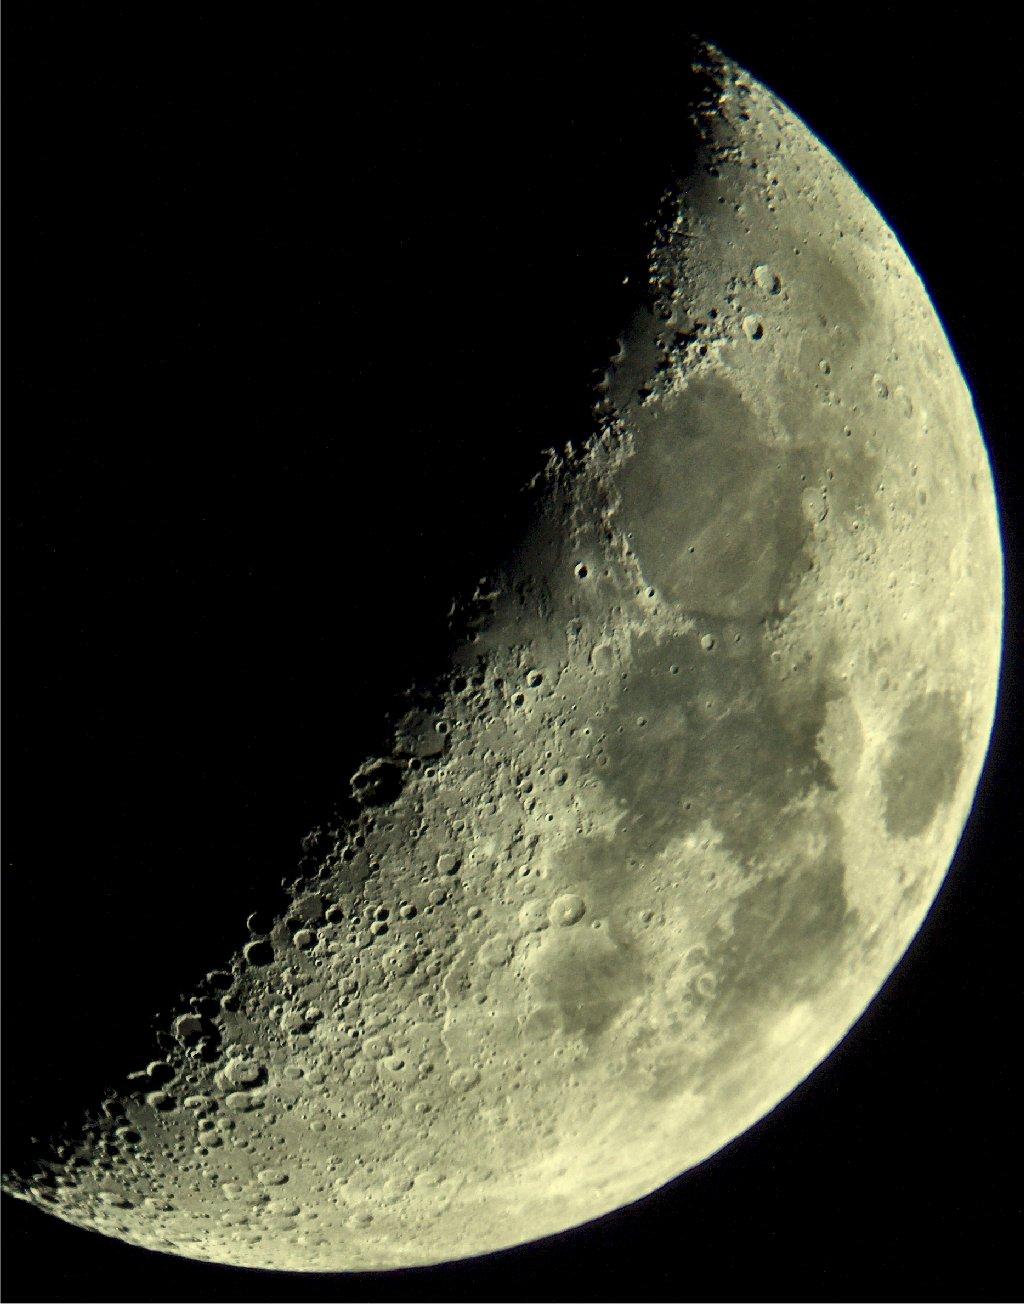 Mond13-7-05.jpg